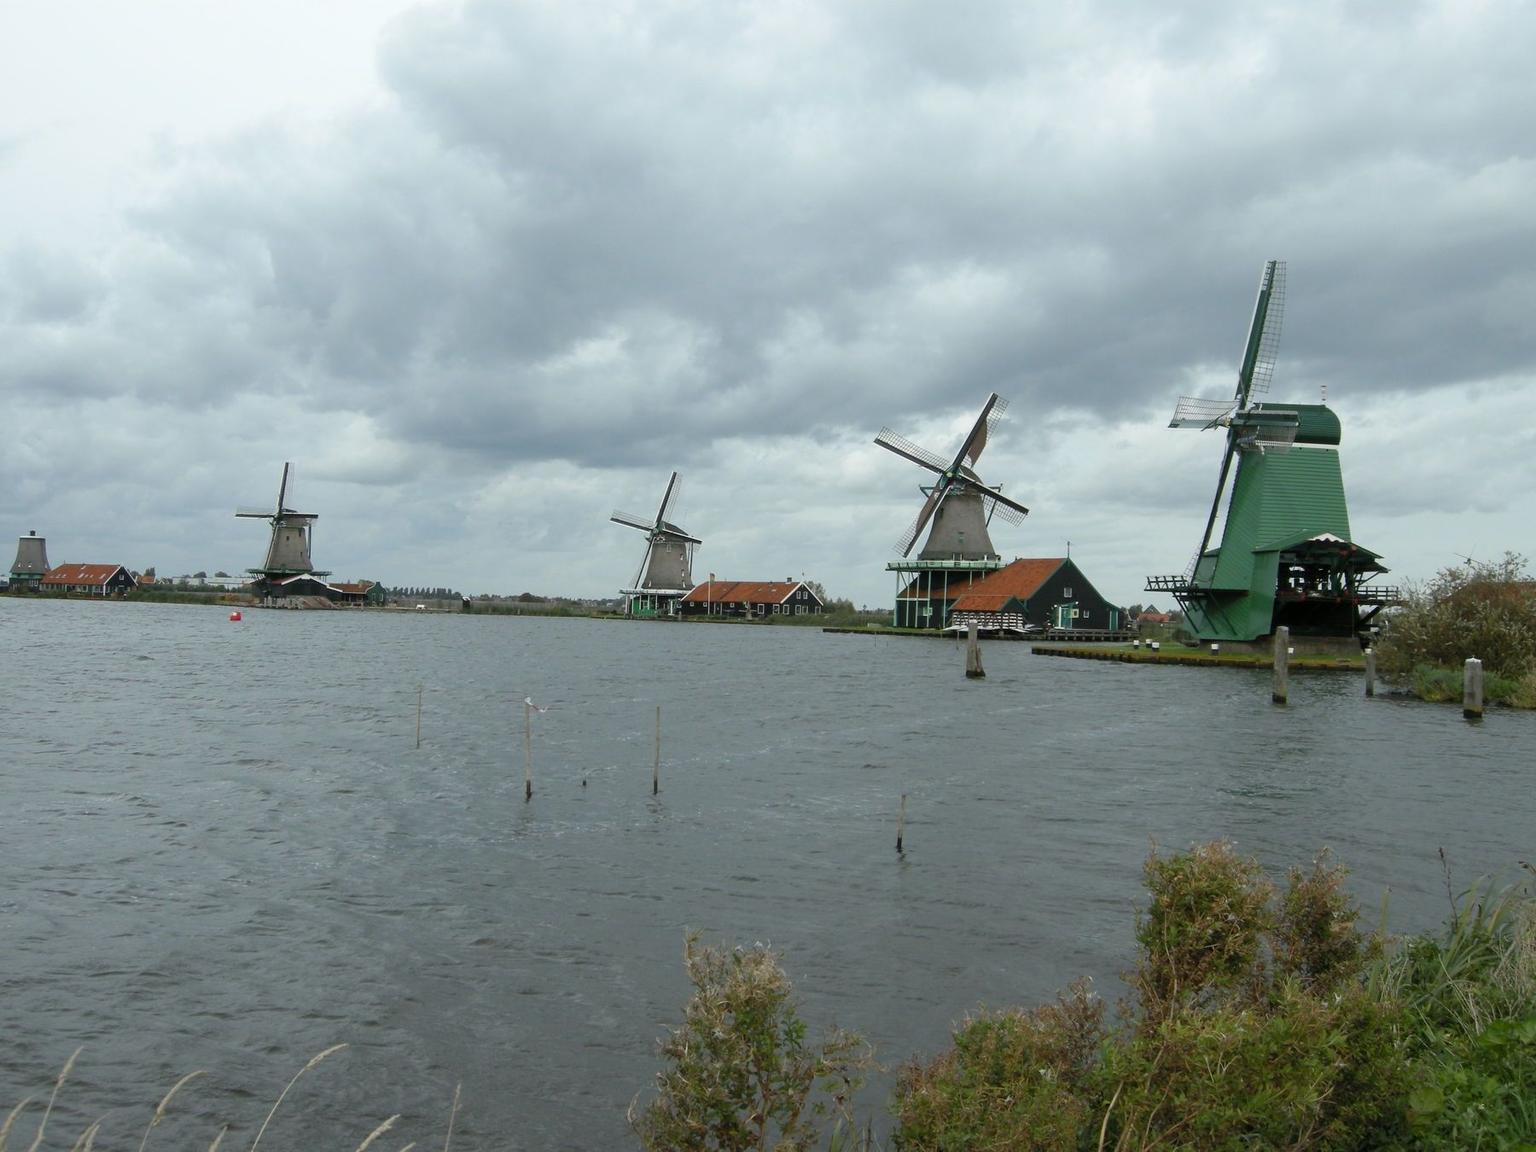 MÁS FOTOS, Volendam, Marken and Windmills Day Trip from Amsterdam